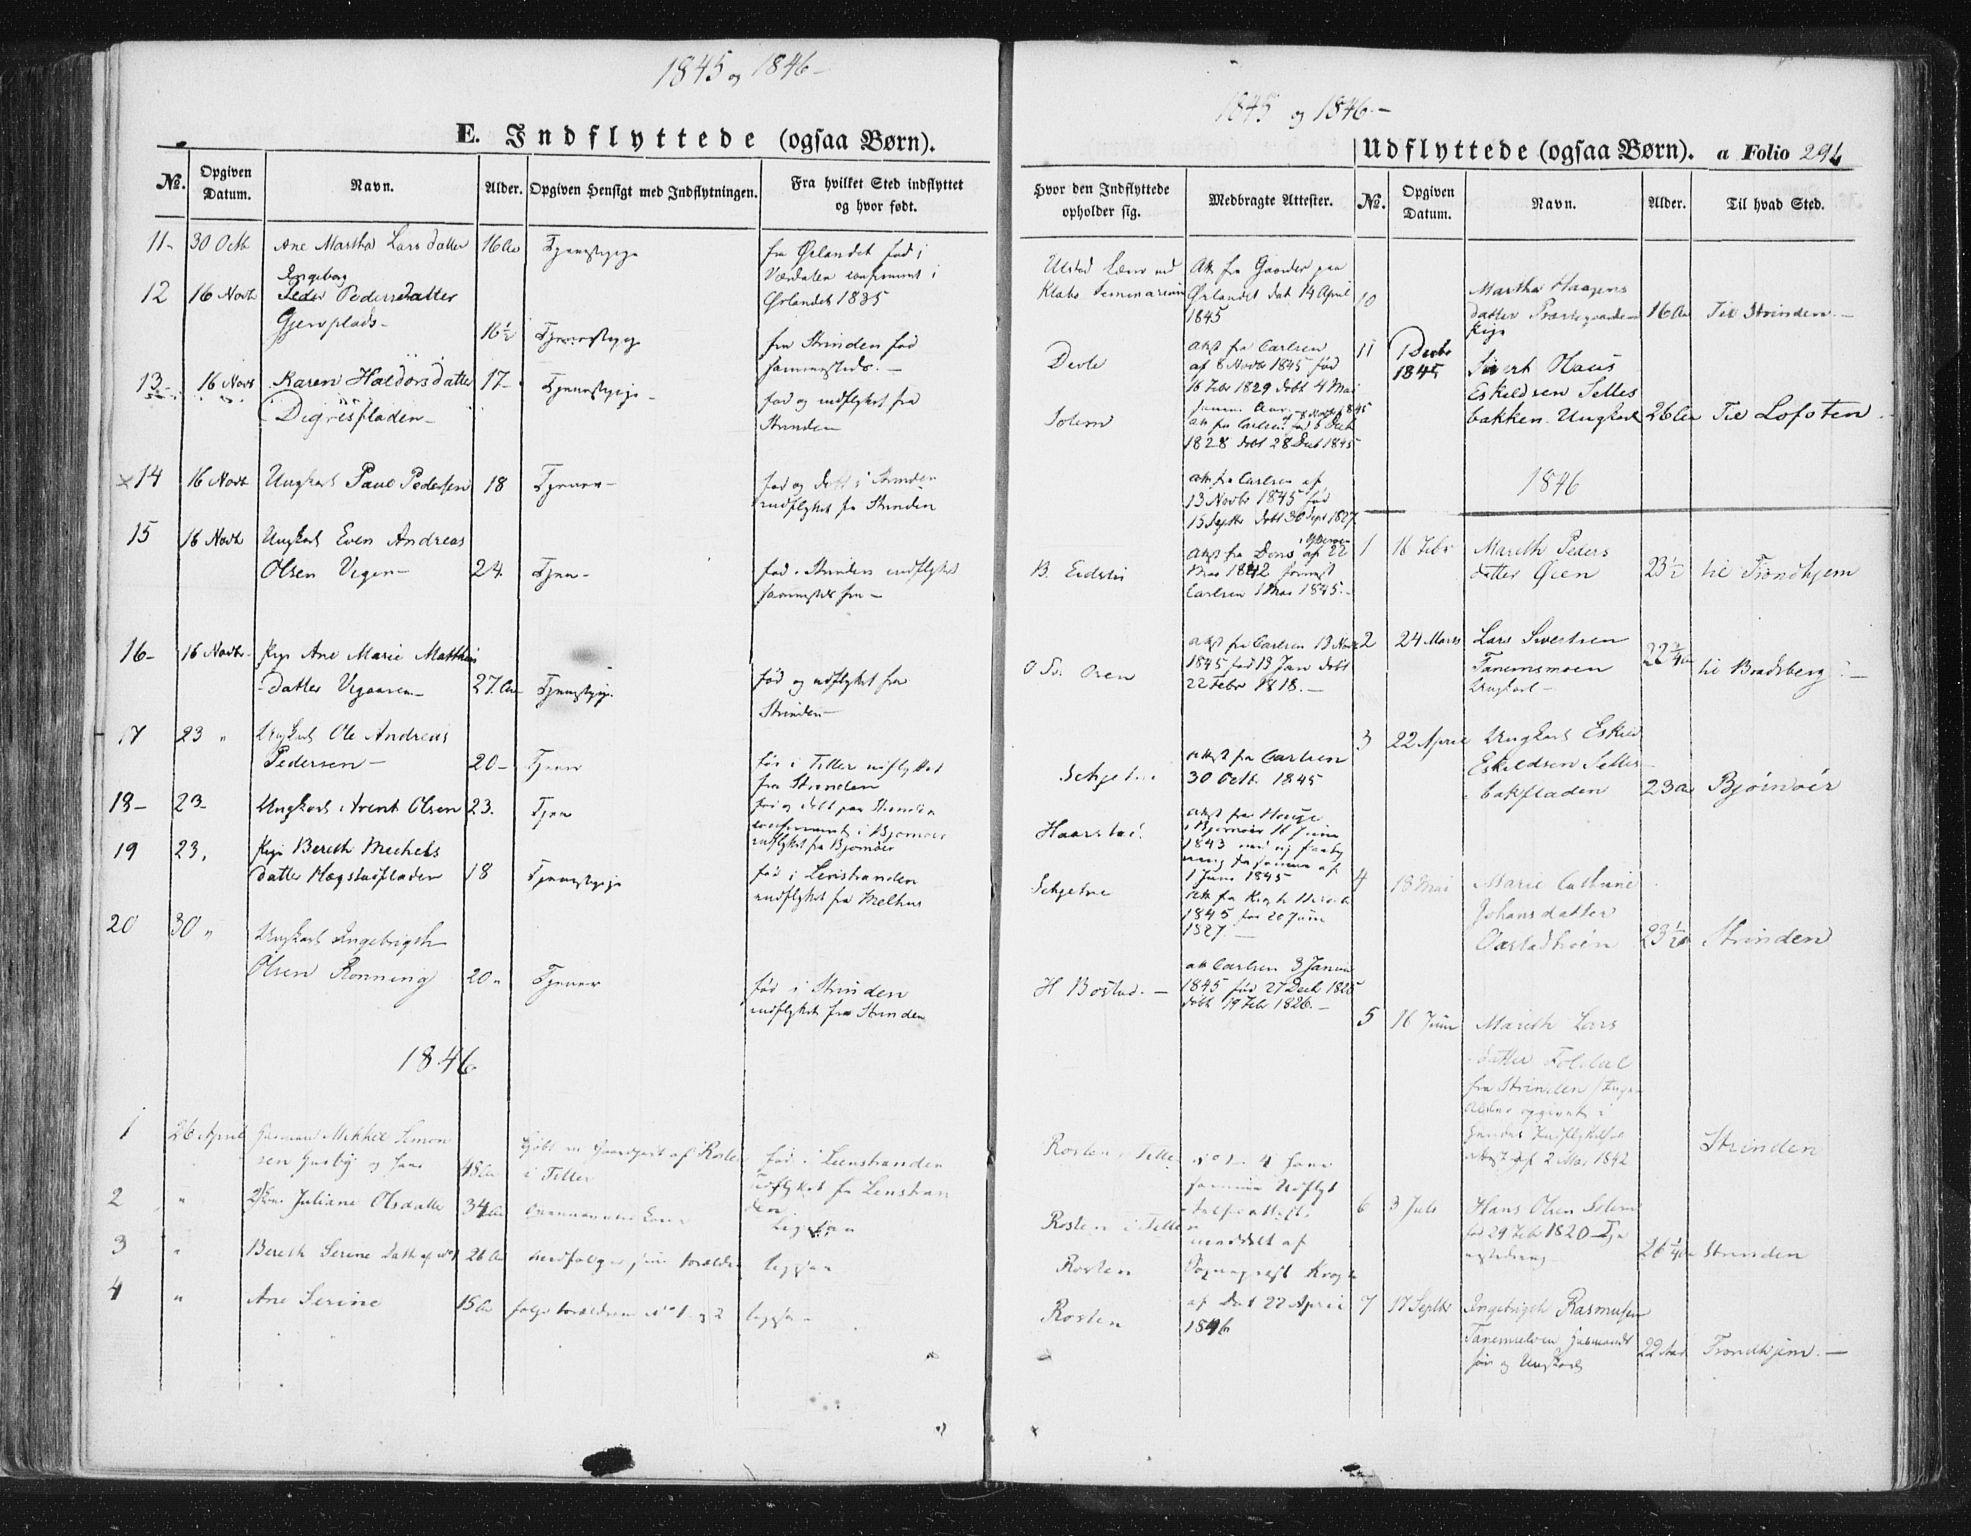 SAT, Ministerialprotokoller, klokkerbøker og fødselsregistre - Sør-Trøndelag, 618/L0441: Ministerialbok nr. 618A05, 1843-1862, s. 291